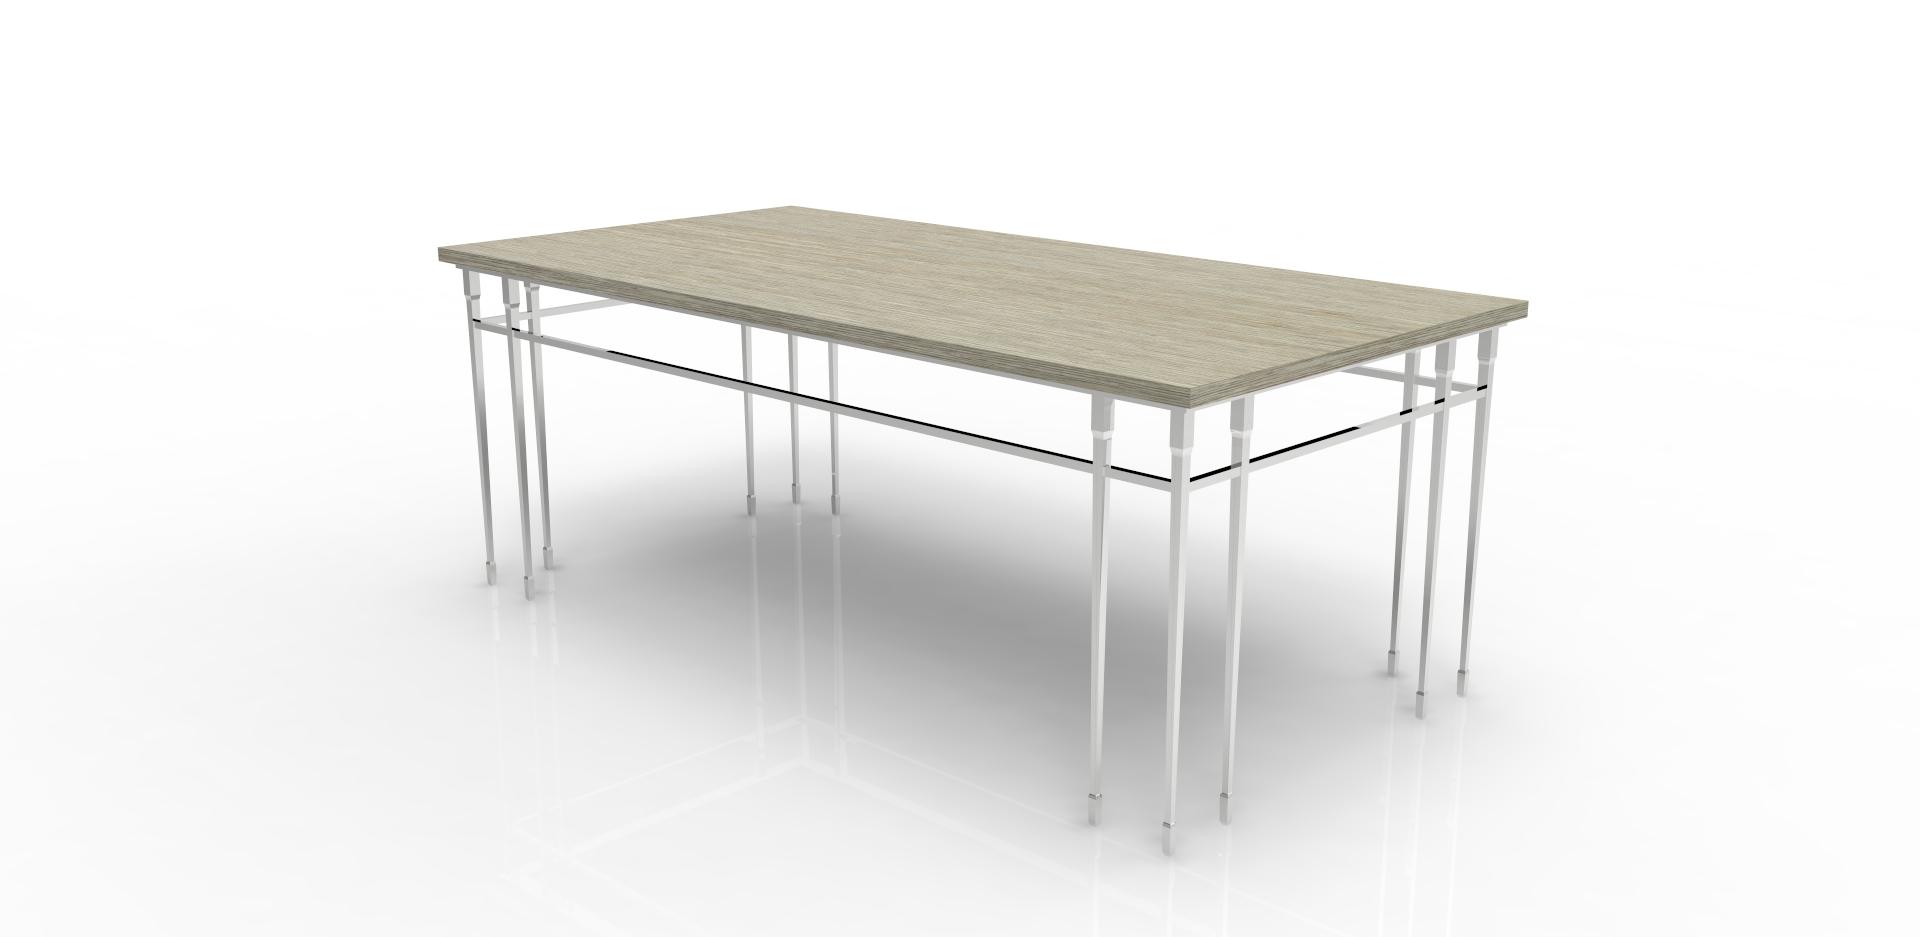 Стол обеденный Gotic dining tableОбеденные столы<br>Придайте своему дому атмосферу заброшенного особняка со столом &amp;quot;Gotic Dining Table&amp;quot;. Он выполнен в промышленном стиле, который делает его облик величественным и загадочным одновременно. Интересная конструкция ножек и подстолья придает виду стола утонченность, а столешница из натурального дерева светлого оттенка добавляет роскошь.&amp;amp;nbsp;&amp;lt;div&amp;gt;&amp;lt;br&amp;gt;&amp;lt;/div&amp;gt;&amp;lt;div&amp;gt;Отделка: дерево/металл.&amp;lt;/div&amp;gt;<br><br>Material: Дерево<br>Ширина см: 200<br>Высота см: 76<br>Глубина см: 100